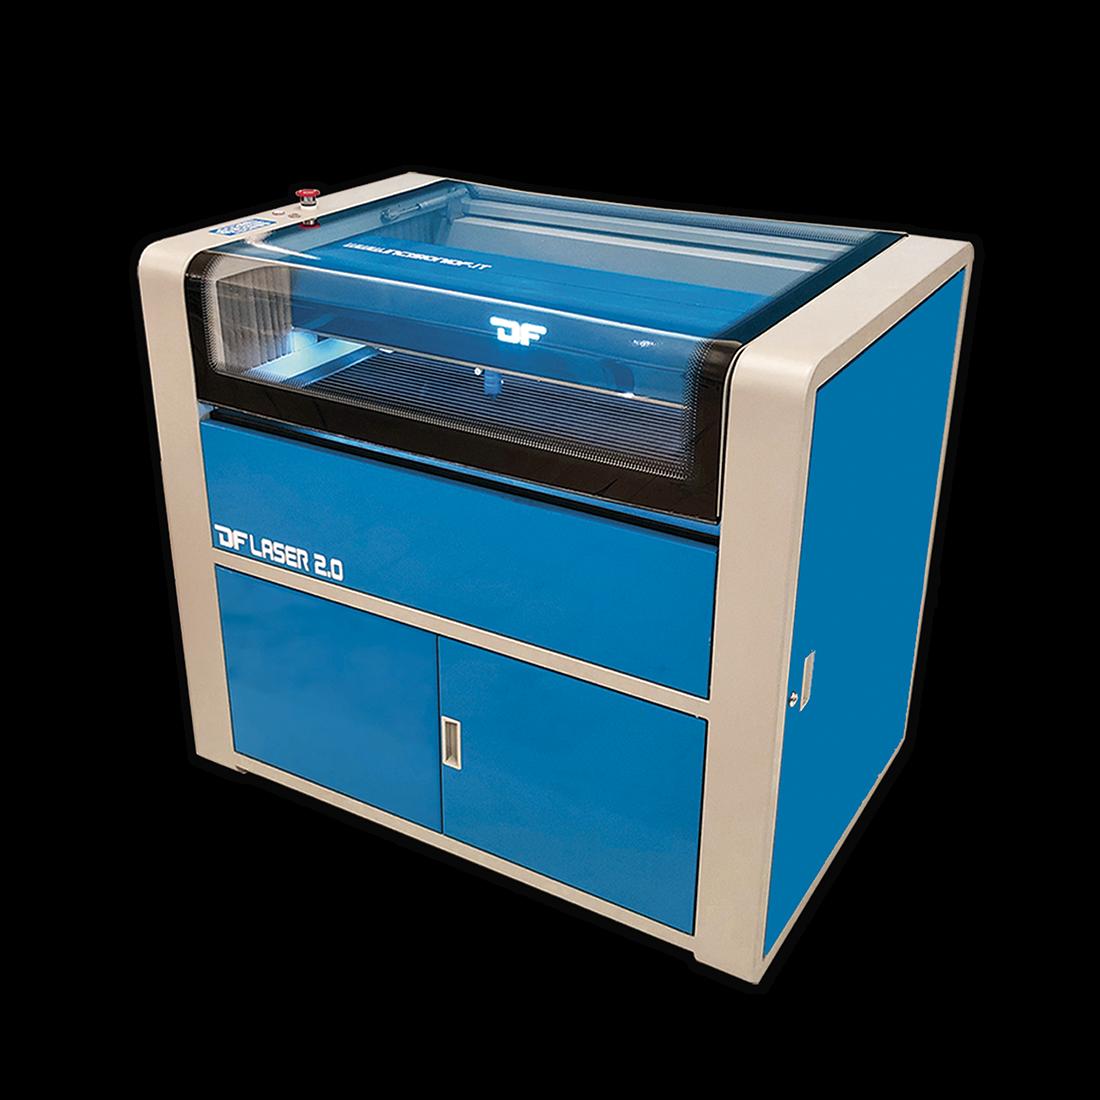 DF Laser 2.0 | Macchine Laser